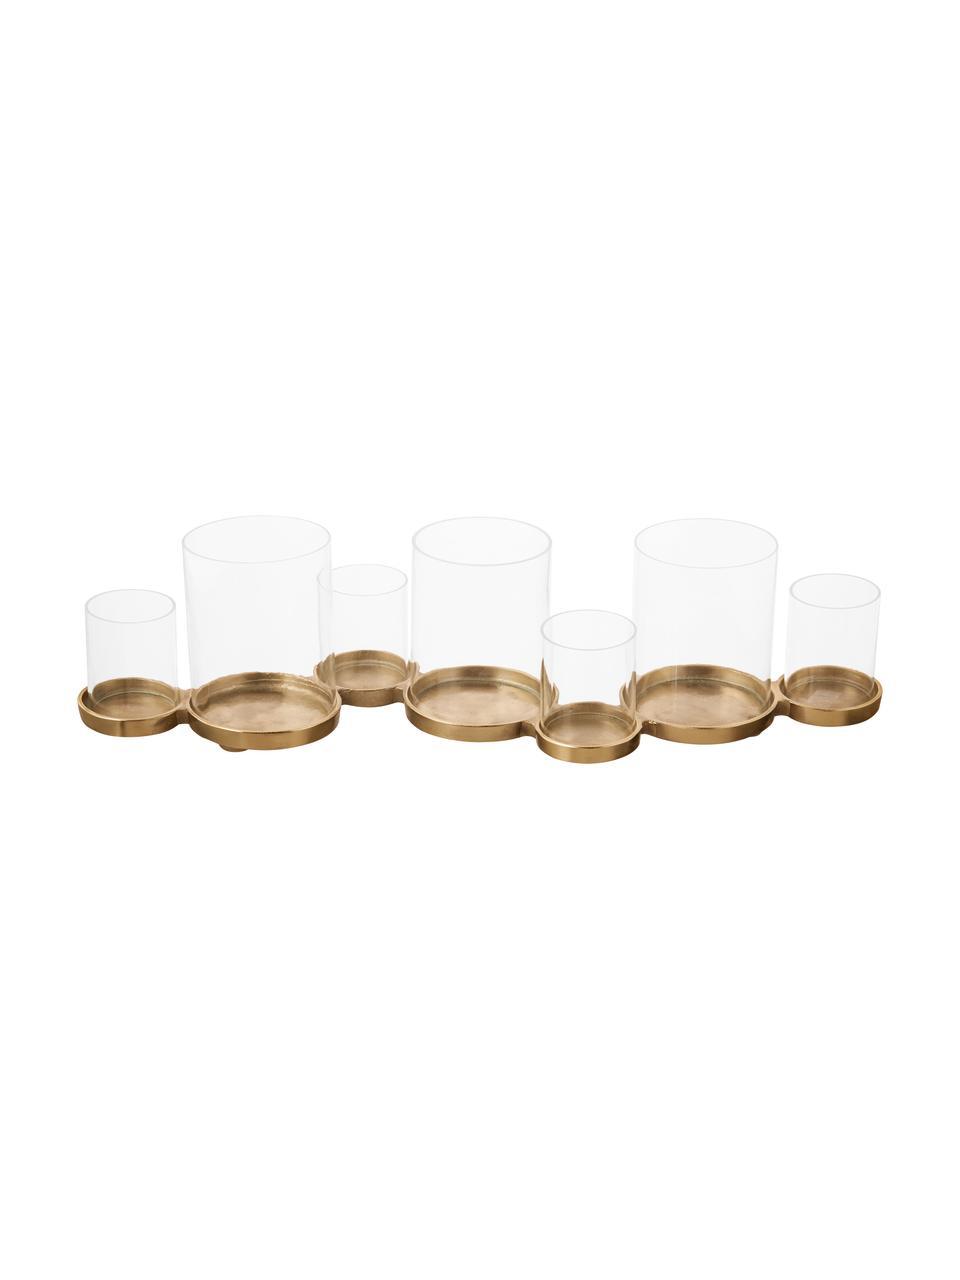 Windlicht Myra, Sockel: Aluminium, beschichtet, Windlicht: Glas, Champagnerfarben, 58 x 14 cm